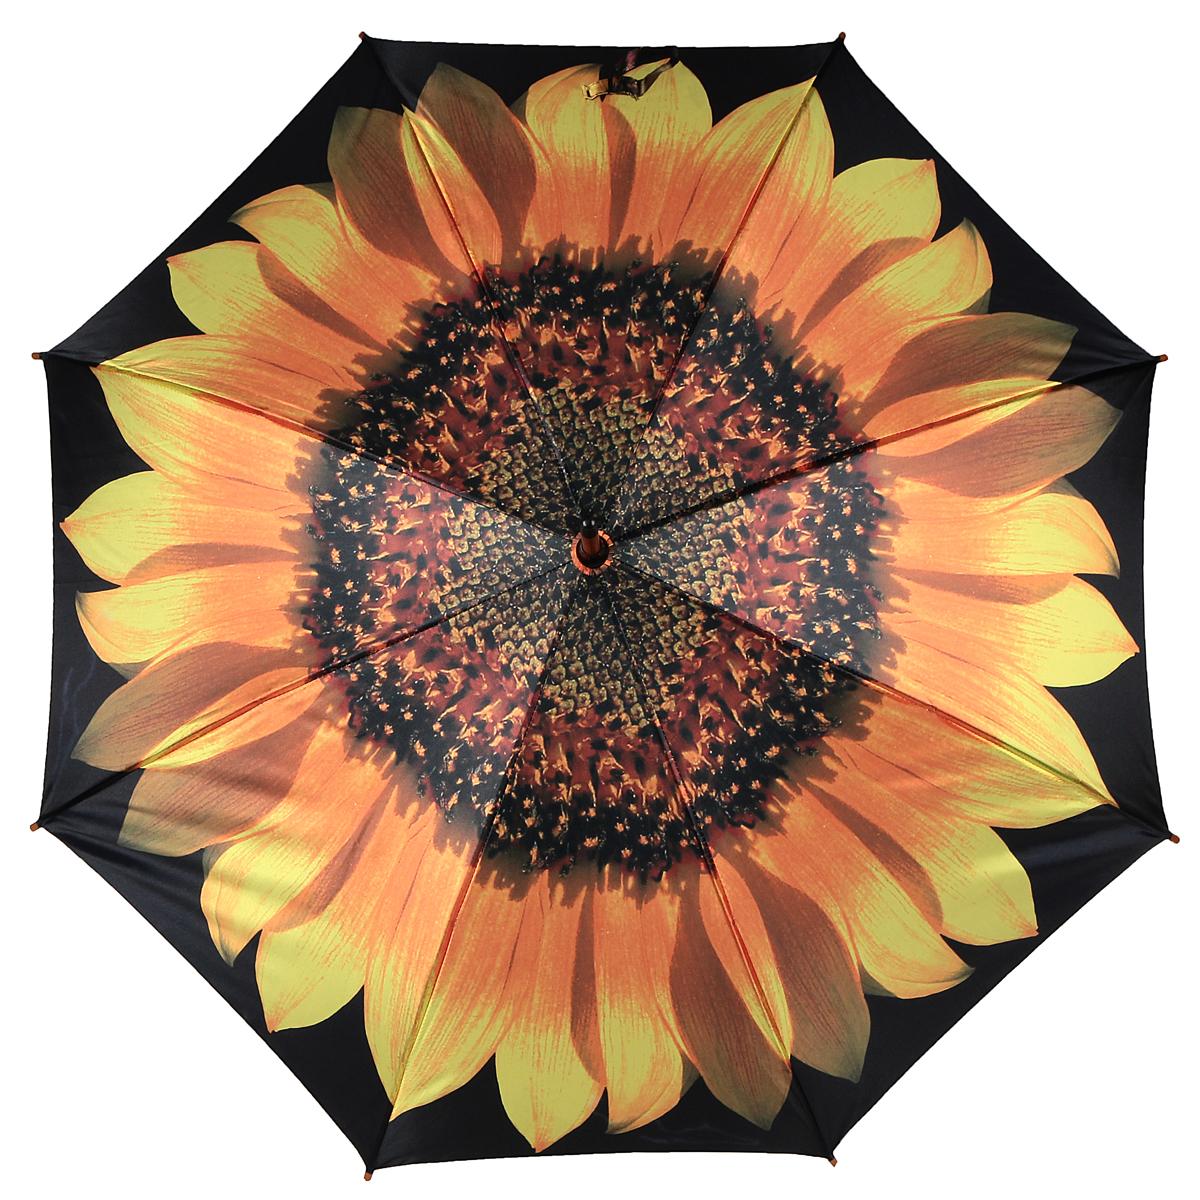 Зонт-трость Подсолнух, полуавтомат. 1001-11001-1Стильный полуавтоматический зонт-трость Подсолнух поднимет настроение даже в ненастную погоду. Каркас зонта состоит из деревянного стержня и 8 металлических спиц черного цвета. Купол зонта, изготовленный из сатина с водоотталкивающей пропиткой, оформлен красочным изображением подсолнуха. Зонт оснащен удобной закругленной рукояткой. Кончики спиц защищены деревянными насадками. Зонт имеет полуавтоматический механизм сложения: купол открывается нажатием кнопки на рукоятке, а закрывается вручную до характерного щелчка. Такой зонт не только надежно защитит вас от дождя, но и станет стильным аксессуаром.